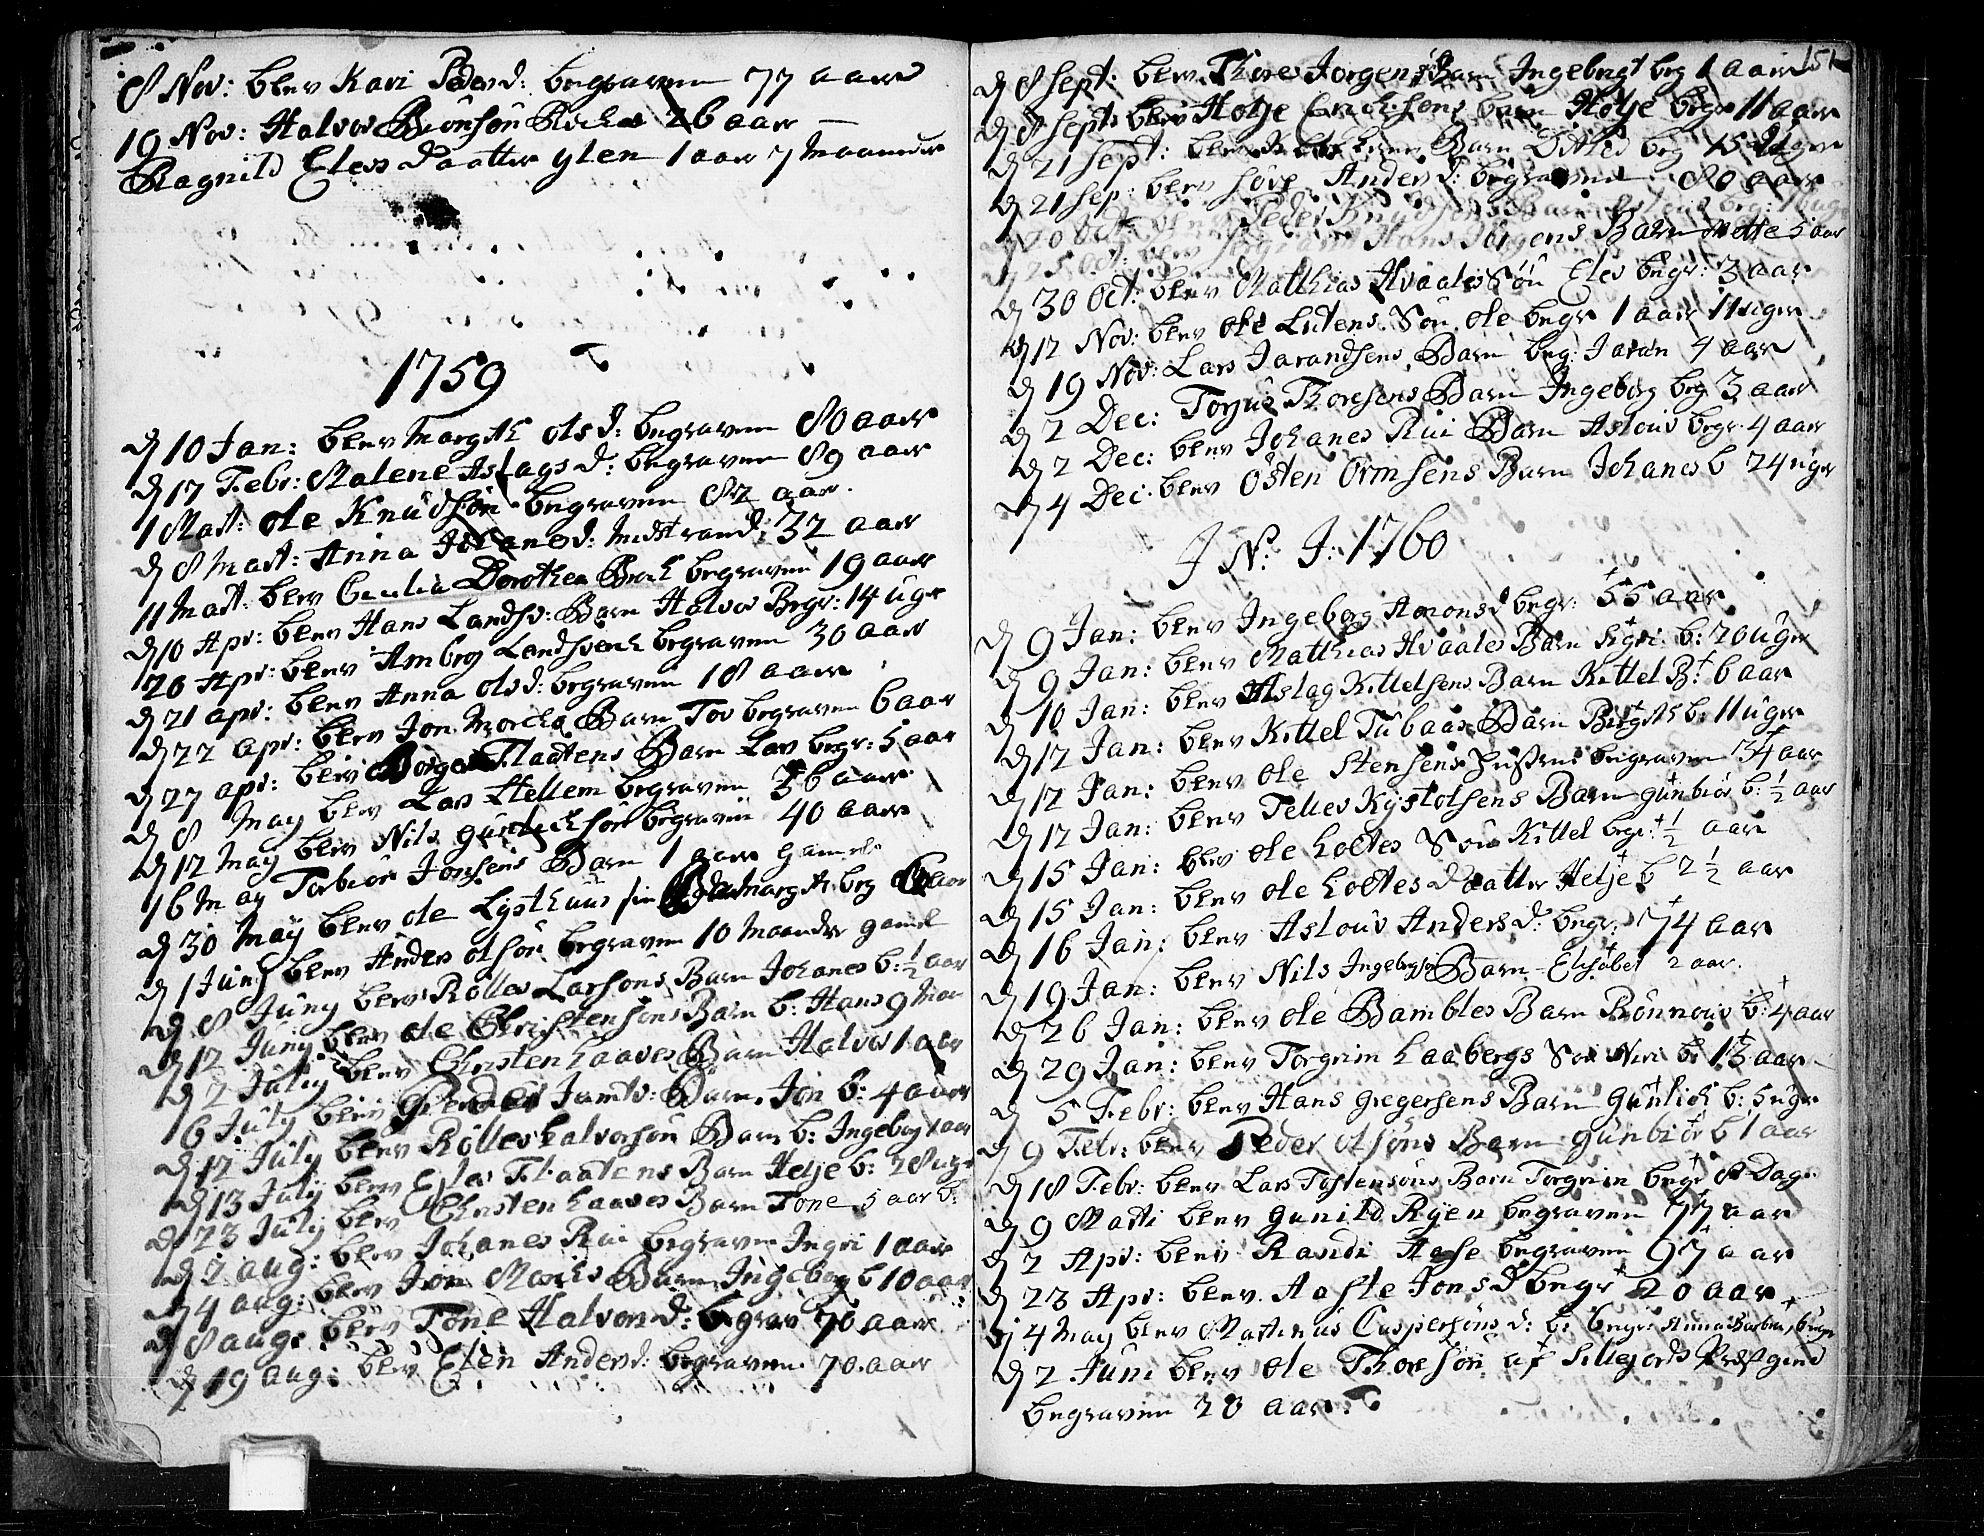 SAKO, Heddal kirkebøker, F/Fa/L0003: Ministerialbok nr. I 3, 1723-1783, s. 151